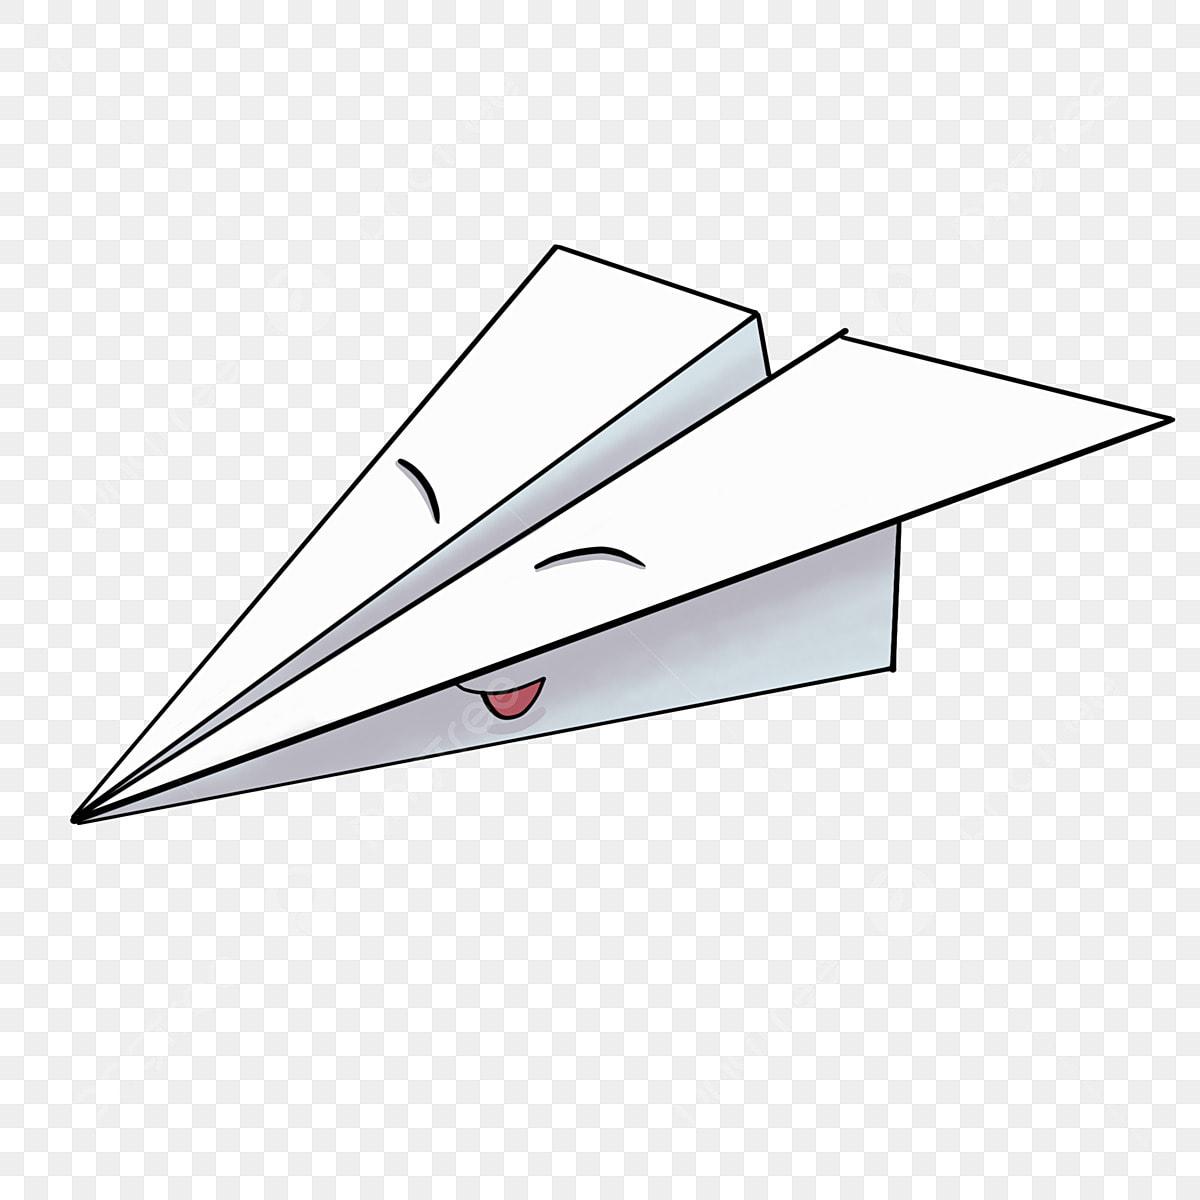 Pesawat Kertas Yang Indah Png Dan Psd